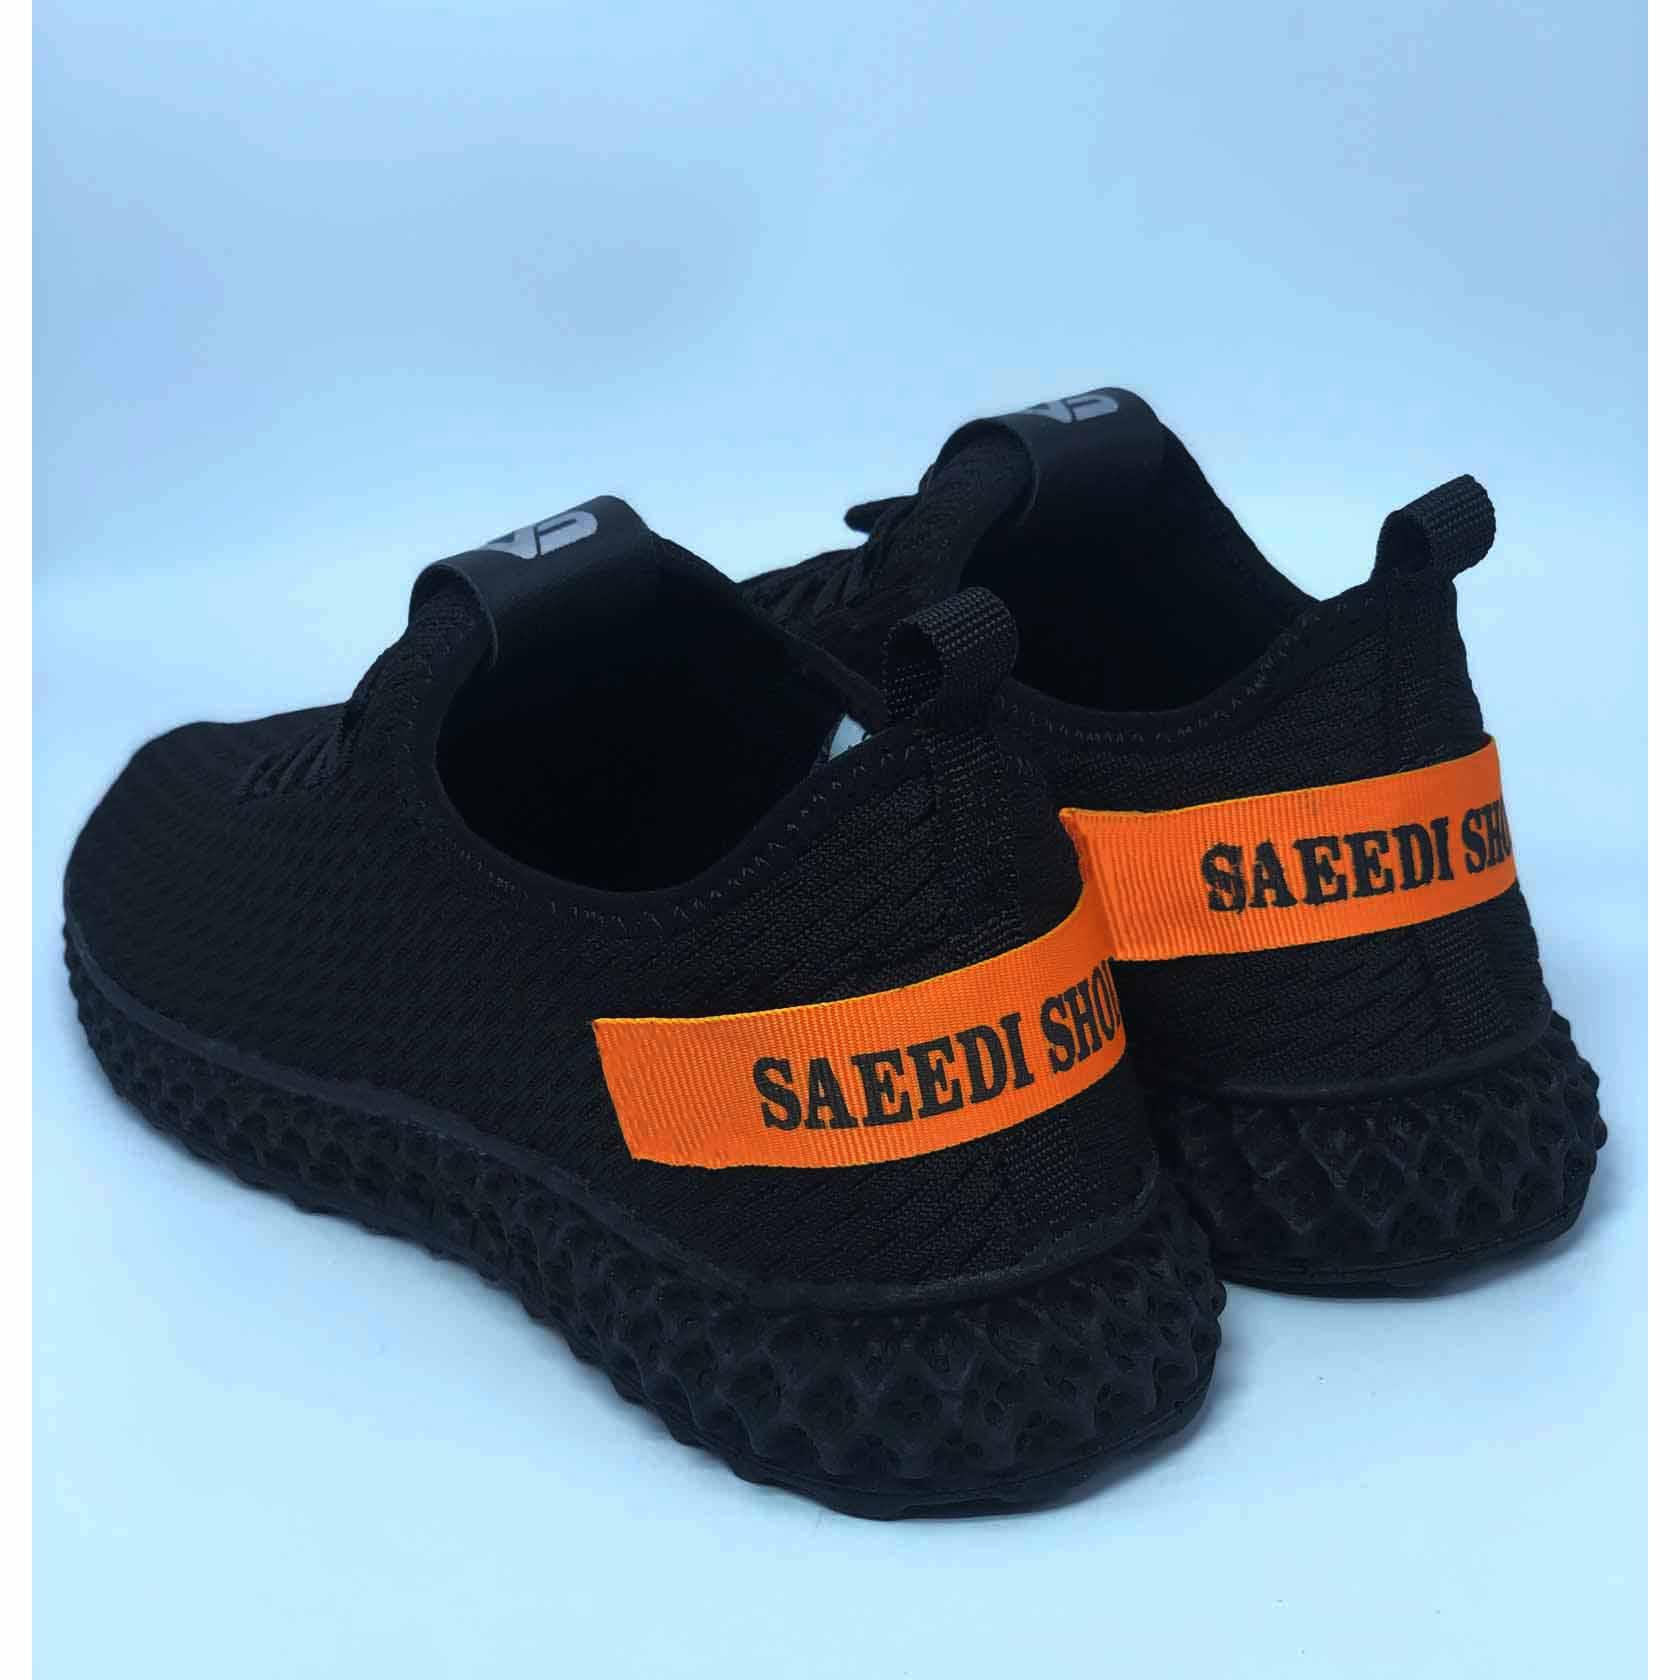 کفش مخصوص پیاده روی سعیدی کد Sa 304 main 1 6